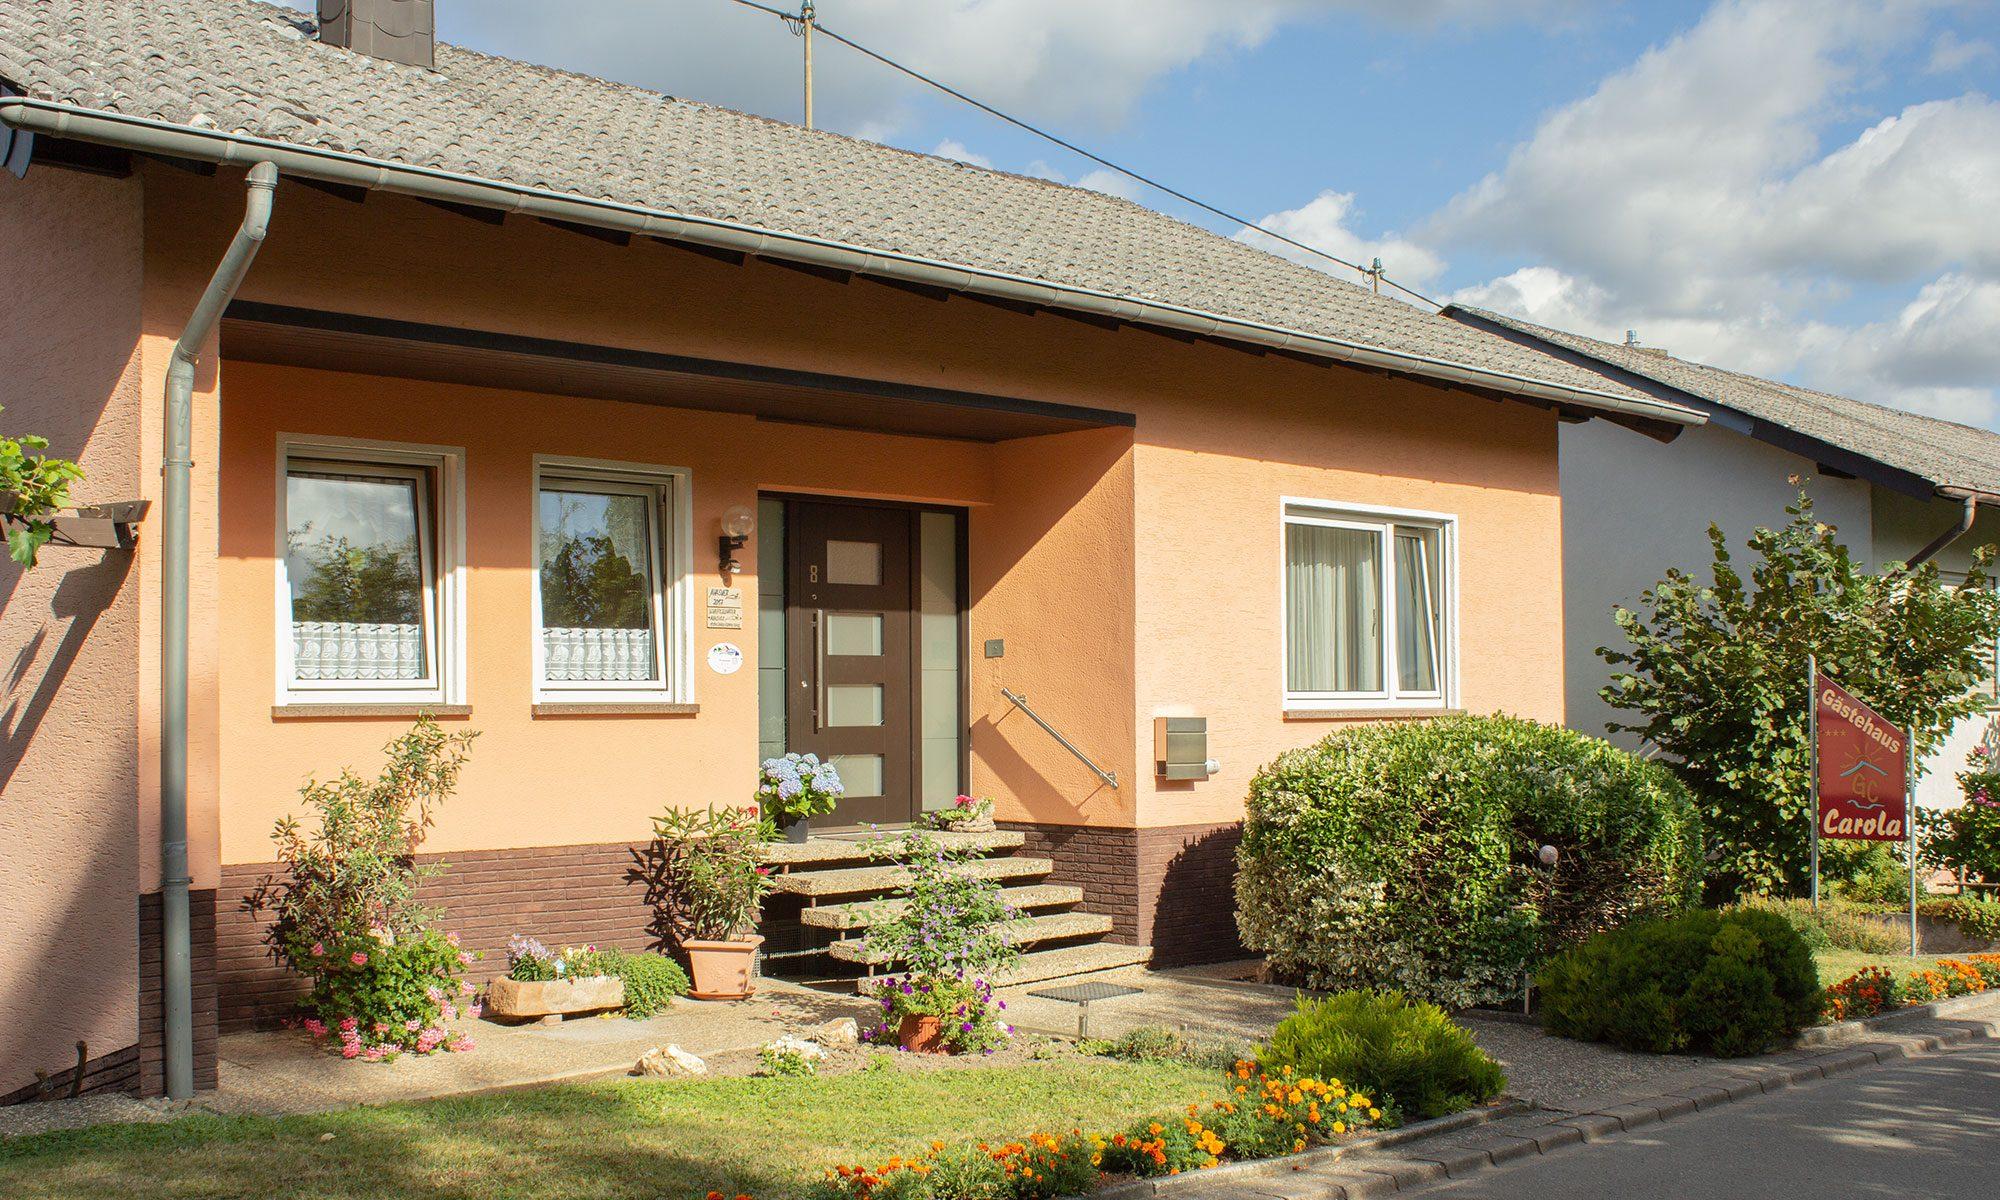 Willkommen im Gästehaus Carola